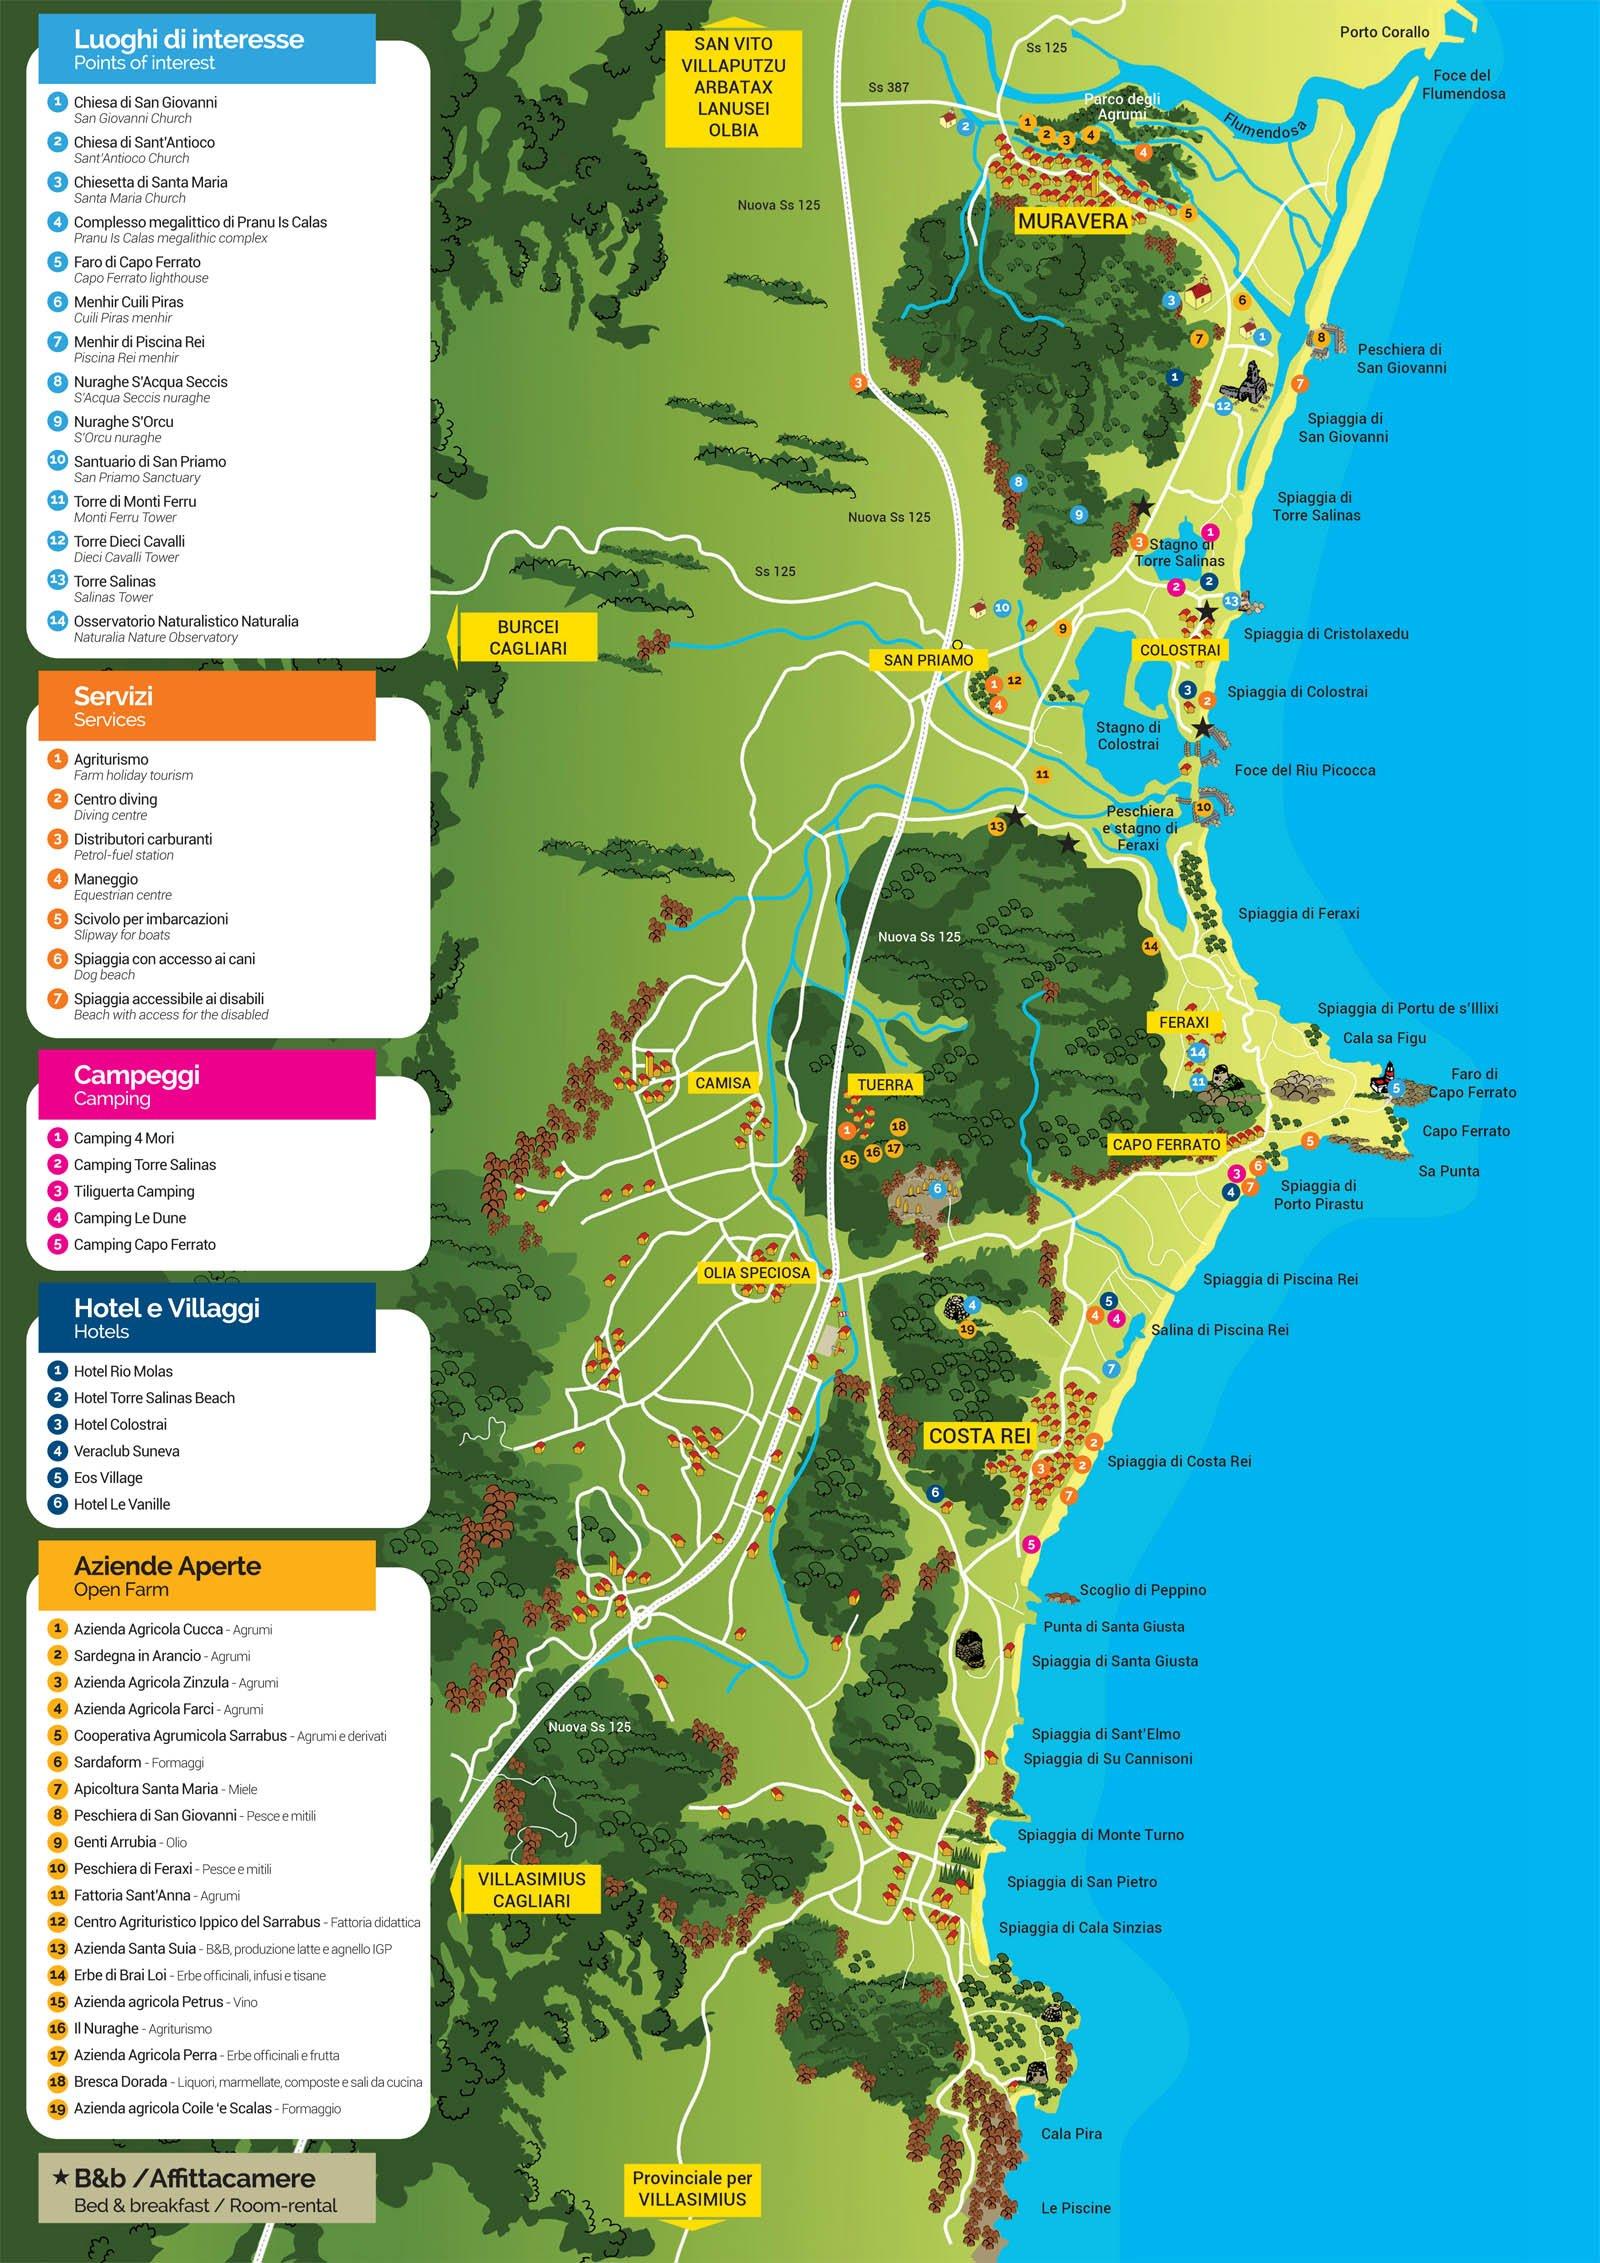 Cartina Campeggi Sardegna.Arcaico Interagire Impostato Cartina Campeggi Sardegna Amazon Settimanaciclisticalombarda It